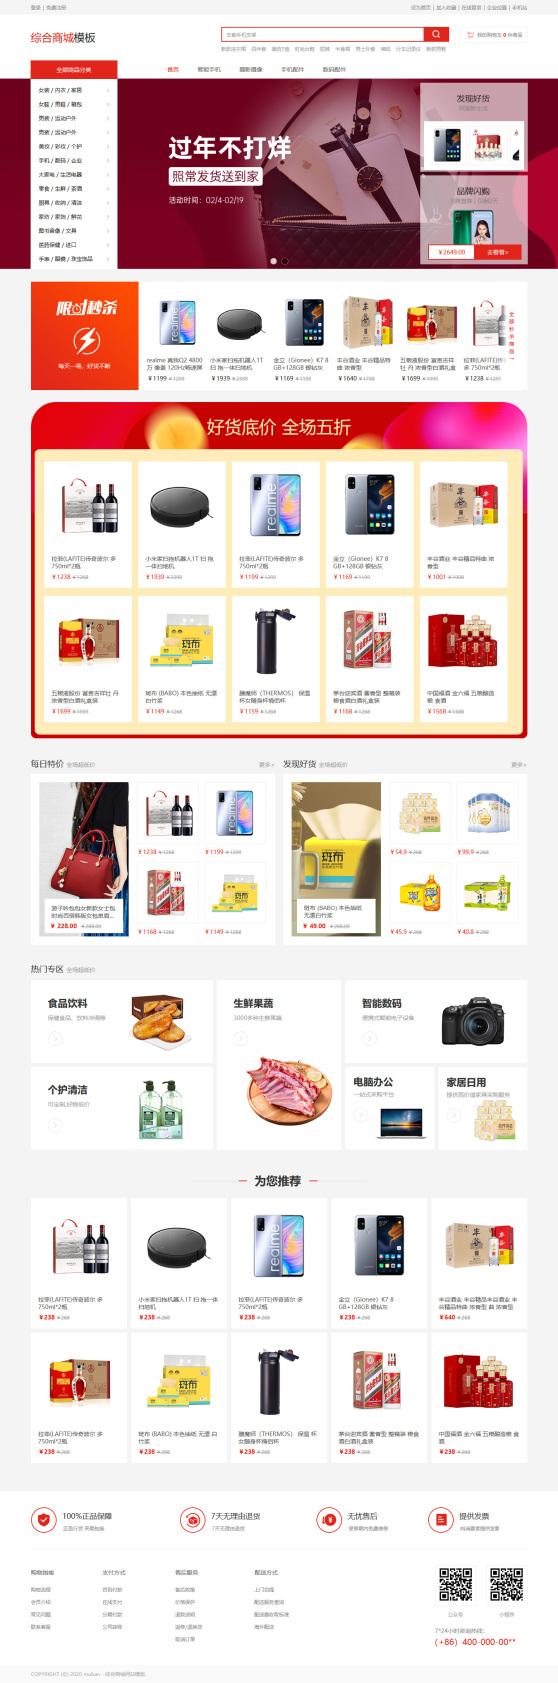 创意综合电商商城网站模板